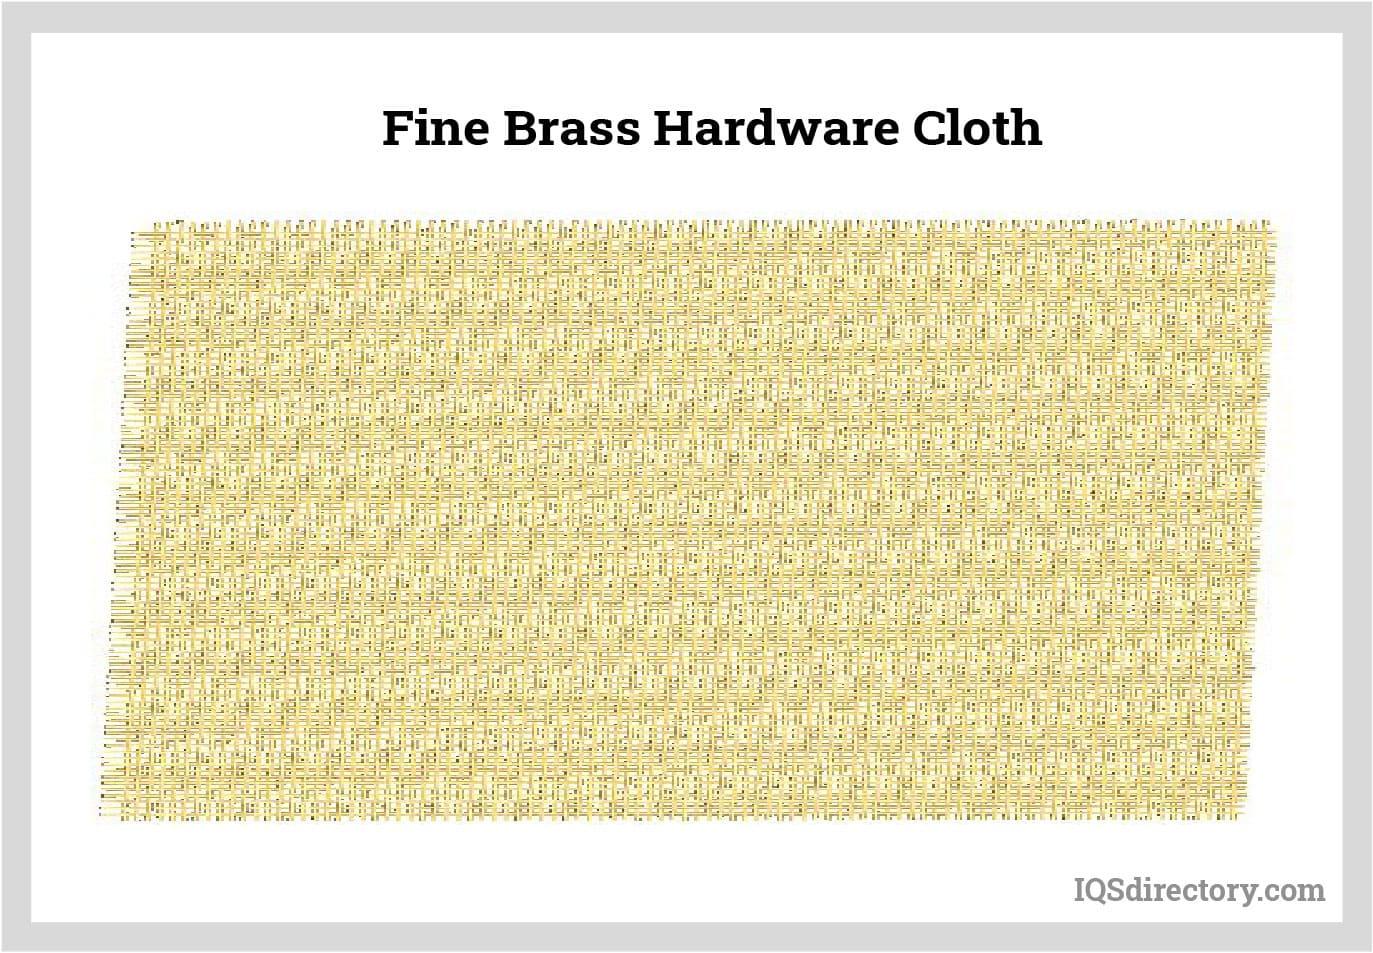 Fine Brass Hardware Cloth